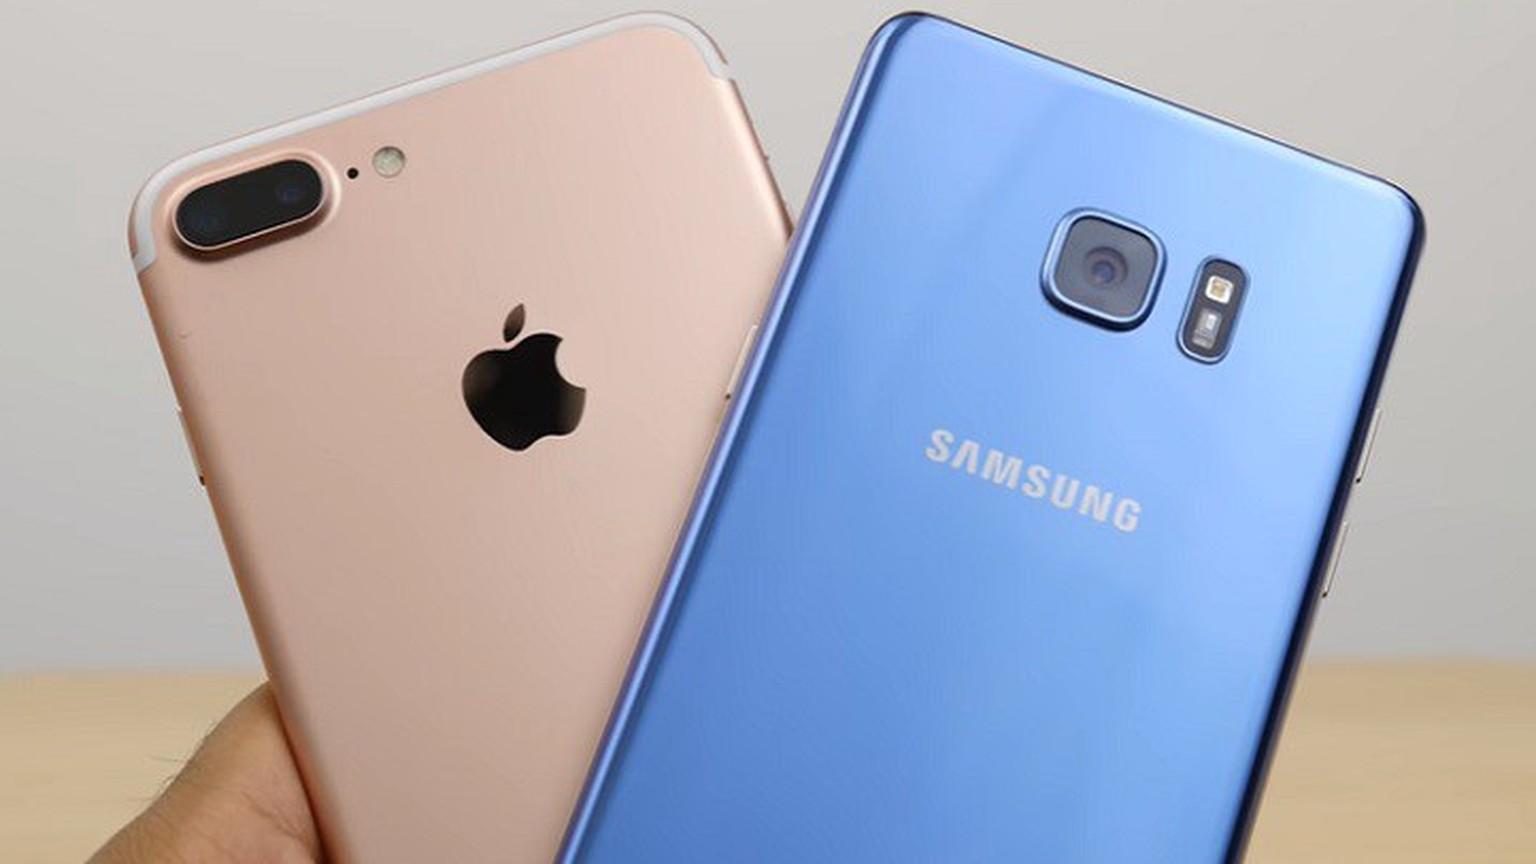 IPhone 7 Vs Galaxy S7 Dieser Test Zeigt Wer Die Besseren Fotos Knipst